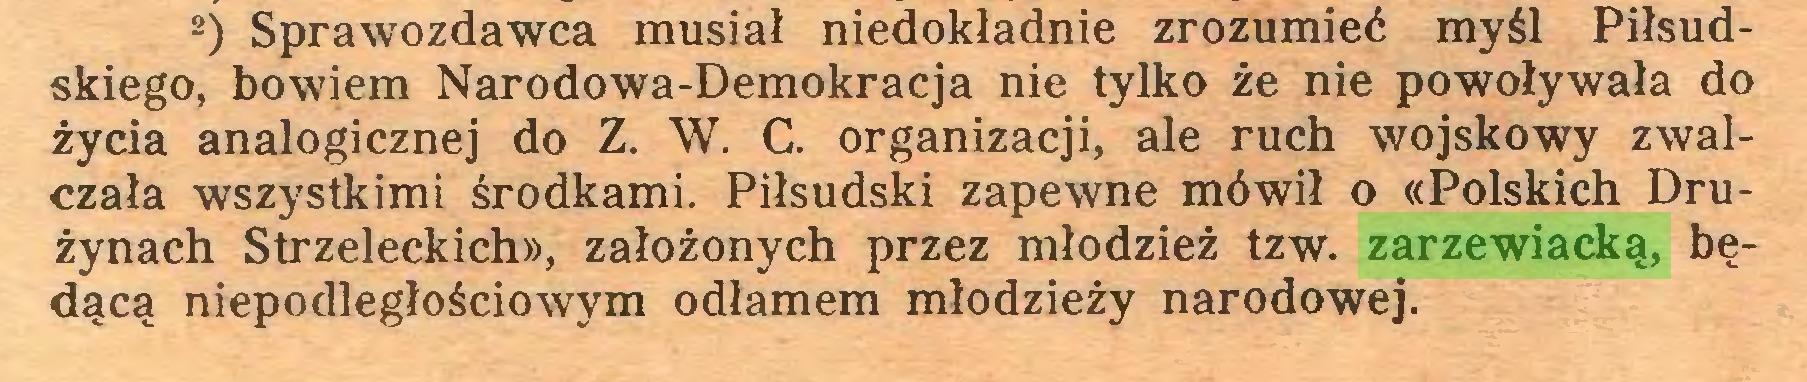 (...) 2) Sprawozdawca musiał niedokładnie zrozumieć myśl Piłsudskiego, bowiem Narodowa-Demokracja nie tylko że nie powoływała do życia analogicznej do Z. W. C. organizacji, ale ruch wojskowy zwalczała wszystkimi środkami. Piłsudski zapewne mówił o «Polskich Drużynach Strzeleckich», założonych przez młodzież tzw. zarzewiacką, będącą niepodległościowym odłamem młodzieży narodowej...